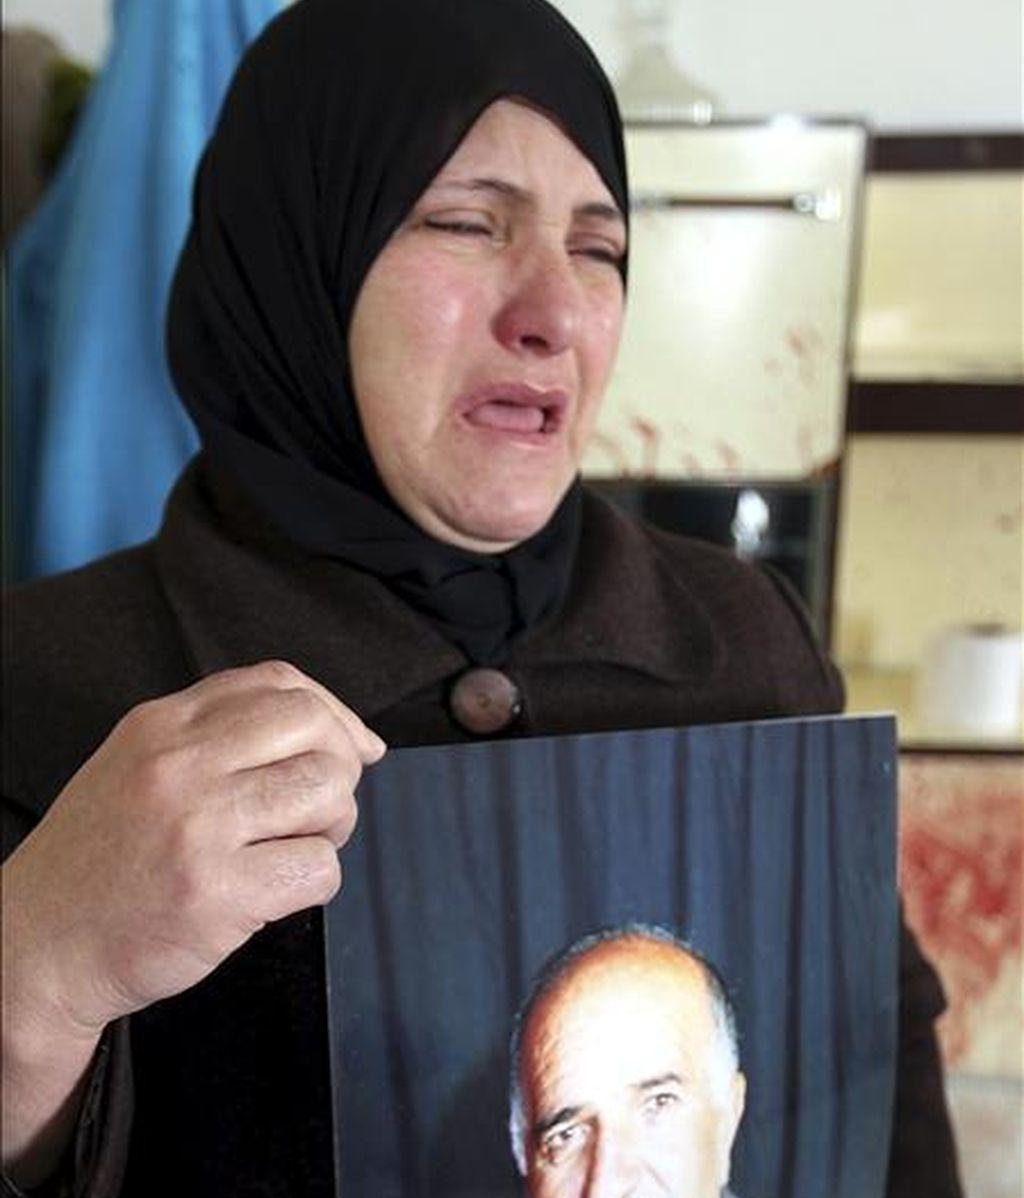 La esposa de Omar Kawasme (67 años) sostiene su fotografía mientras que, en el fondo, se proyecta la cama manchada con sangre, donde fue asesinado por las tropas israelís durante un ataque para arrestar a presuntos milicianos, según alega su esposa hoy, 7 de enero de 2011, en Hebrón. EFE